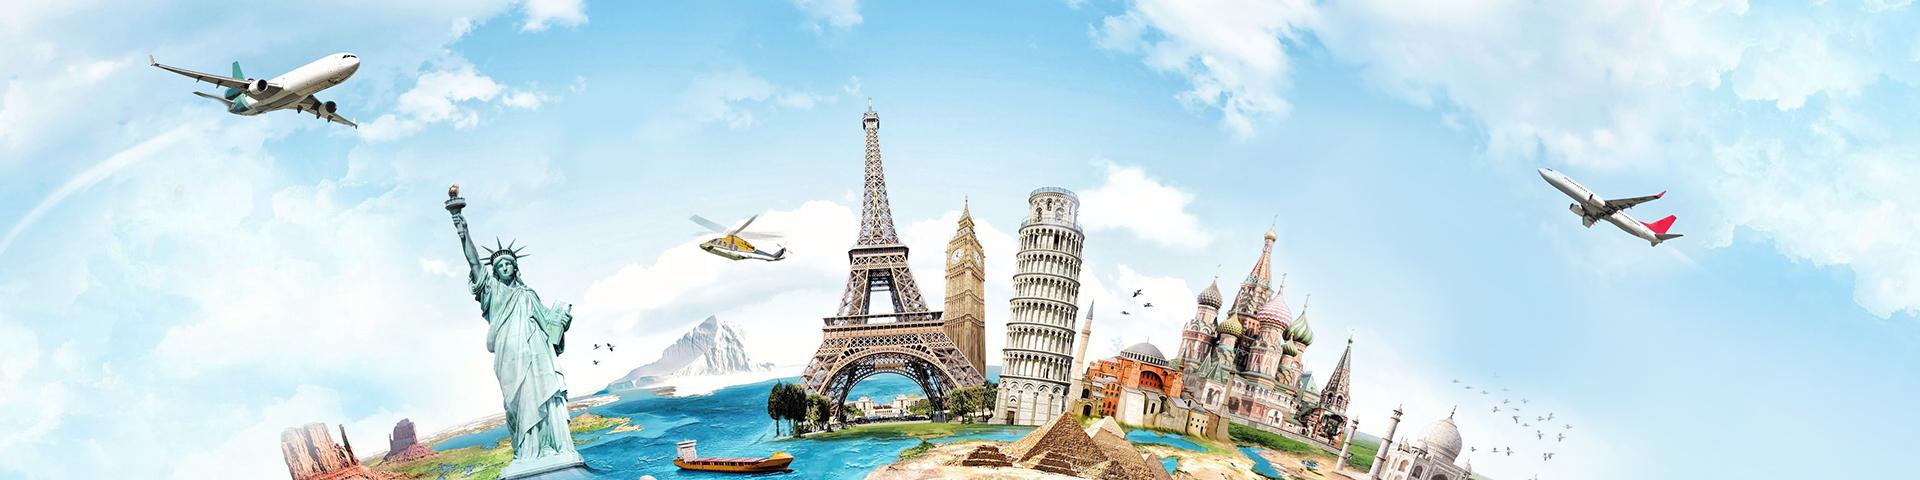 Путешествие и туризм по планете Земля